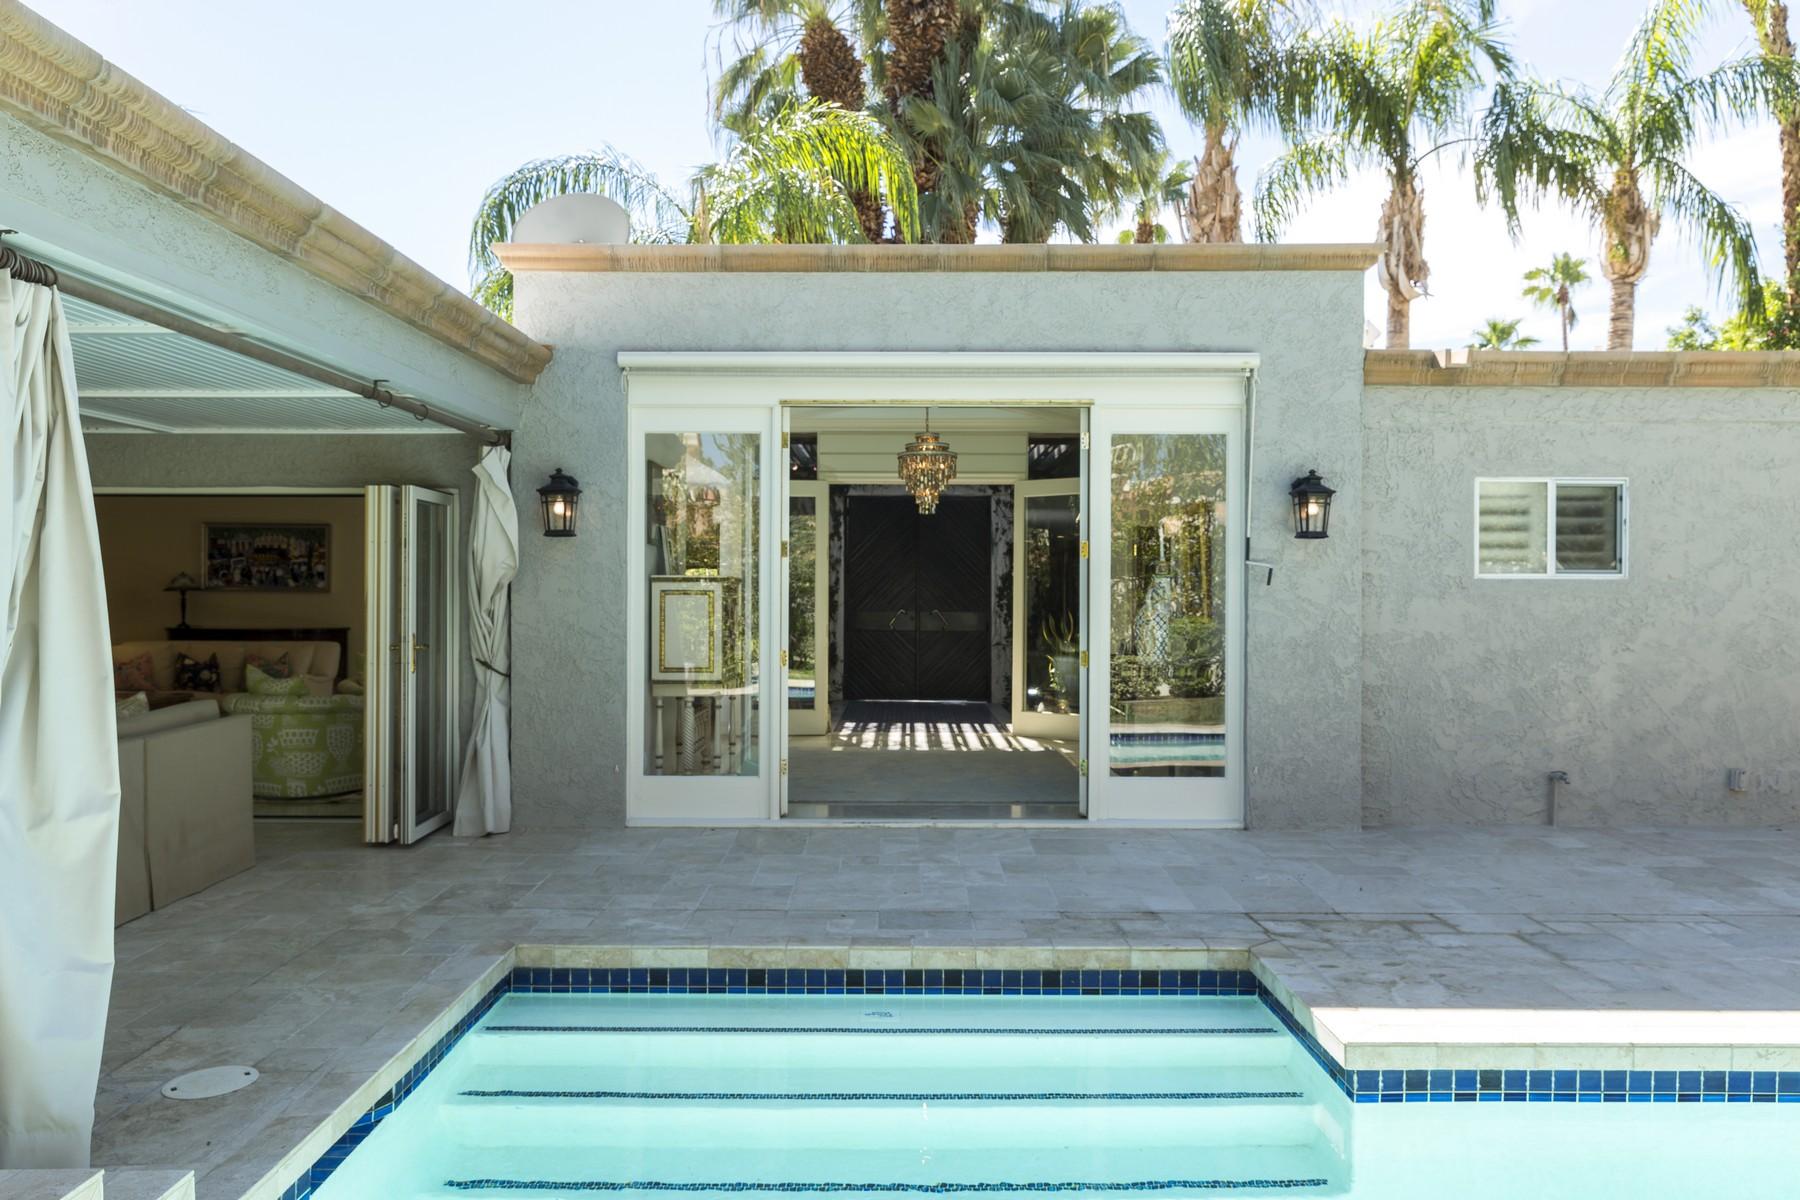 独户住宅 为 销售 在 75560 Mary Lane Indian Wells, 加利福尼亚州 92210 美国